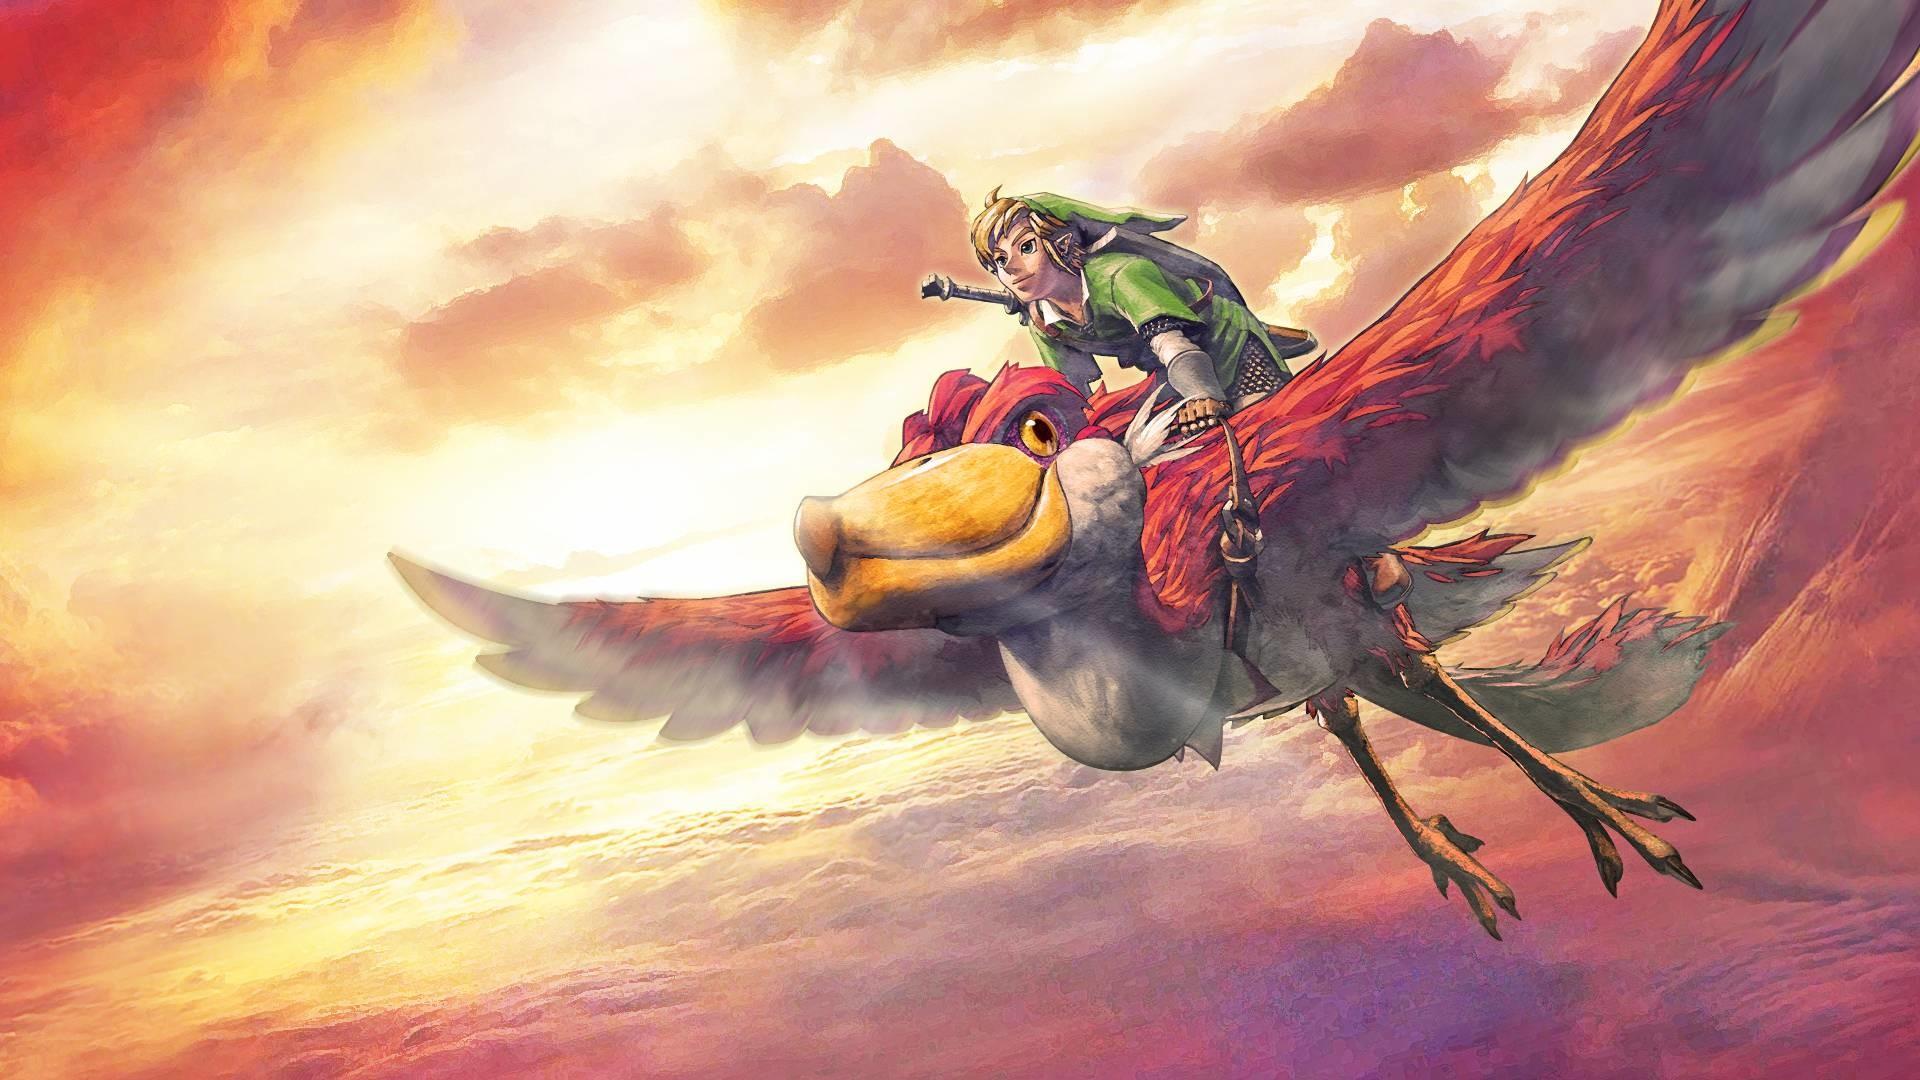 33 The Legend Of Zelda: Skyward Sword Wallpapers | The Legend Of .. 1920x1080